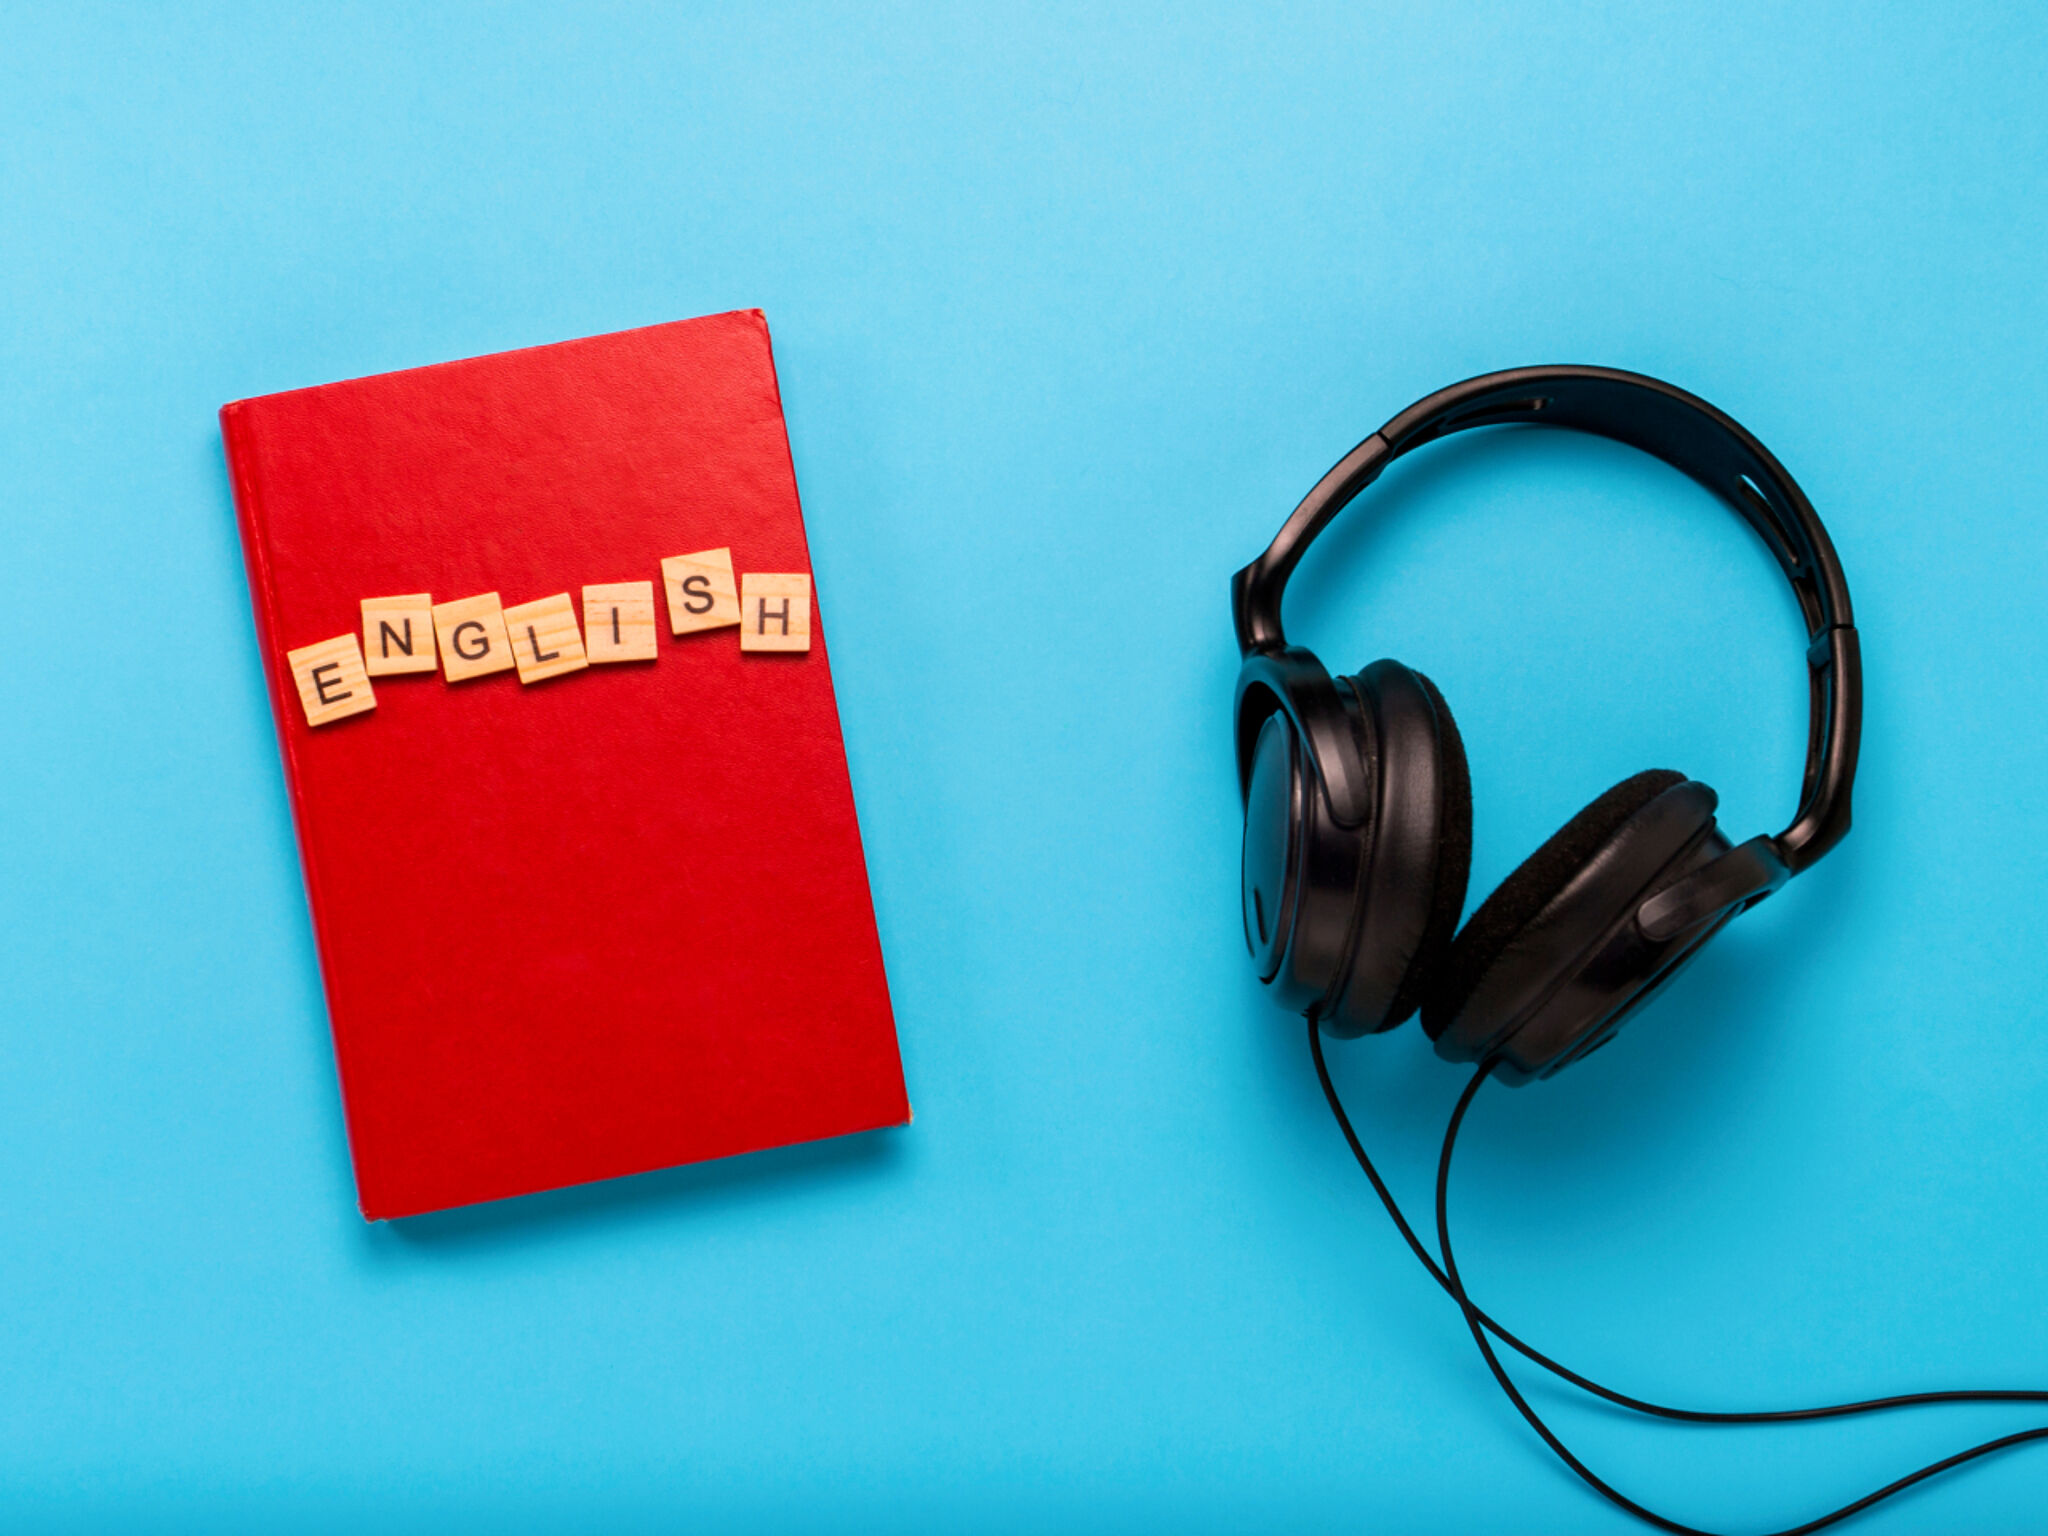 英語の本とヘッドホンの画像